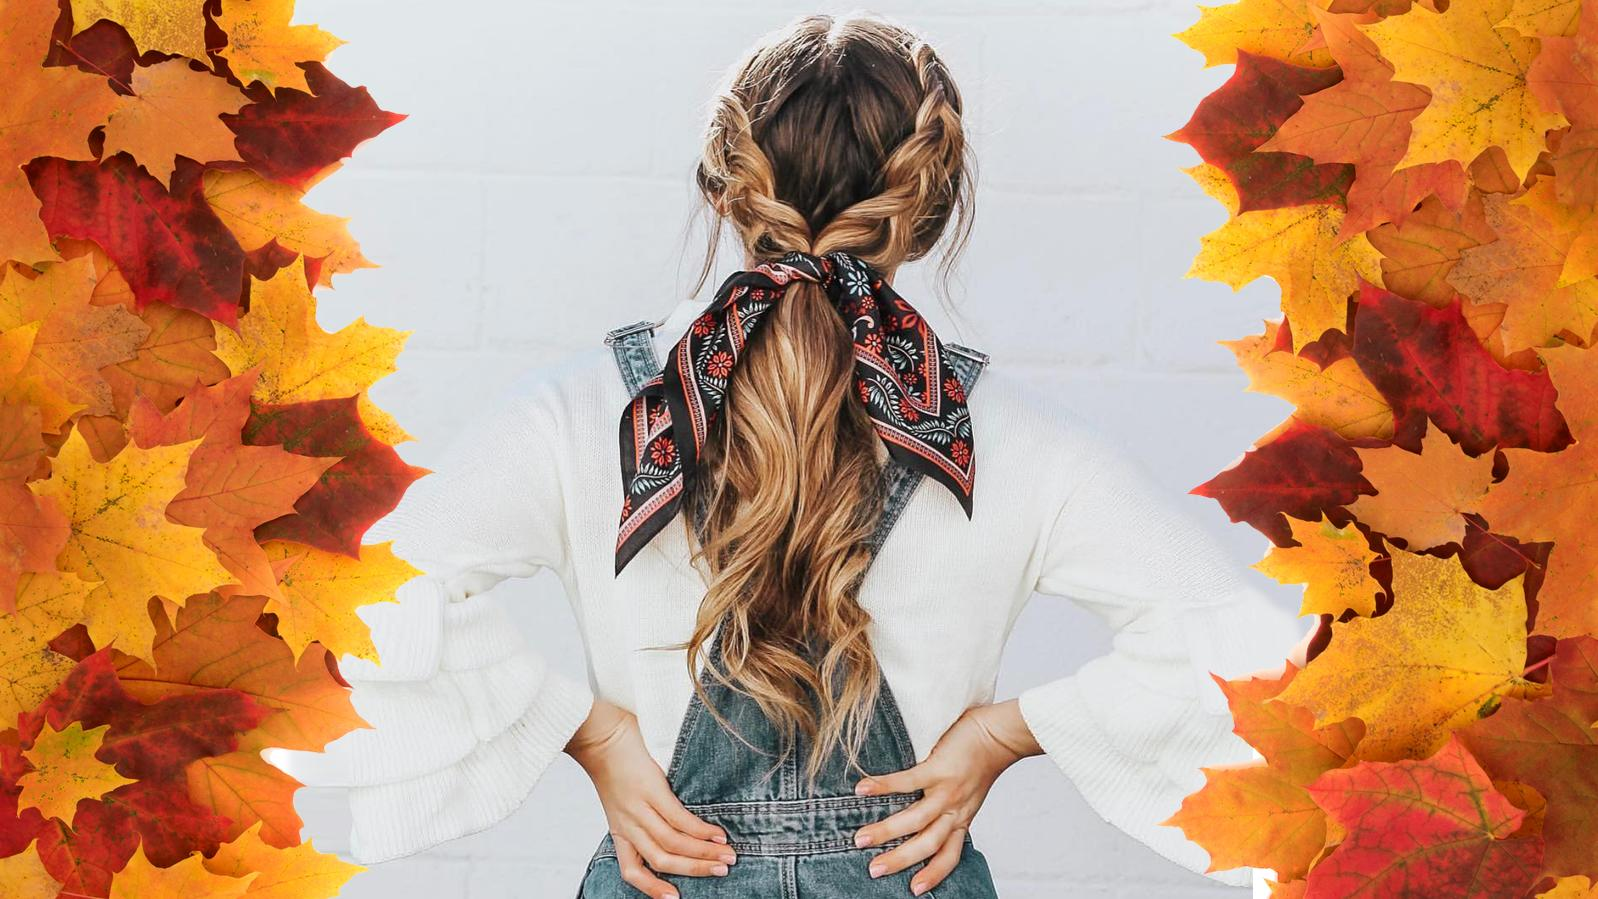 Scarf Braids sind einer der Flechtfrisuren-Trends für den Herbst!